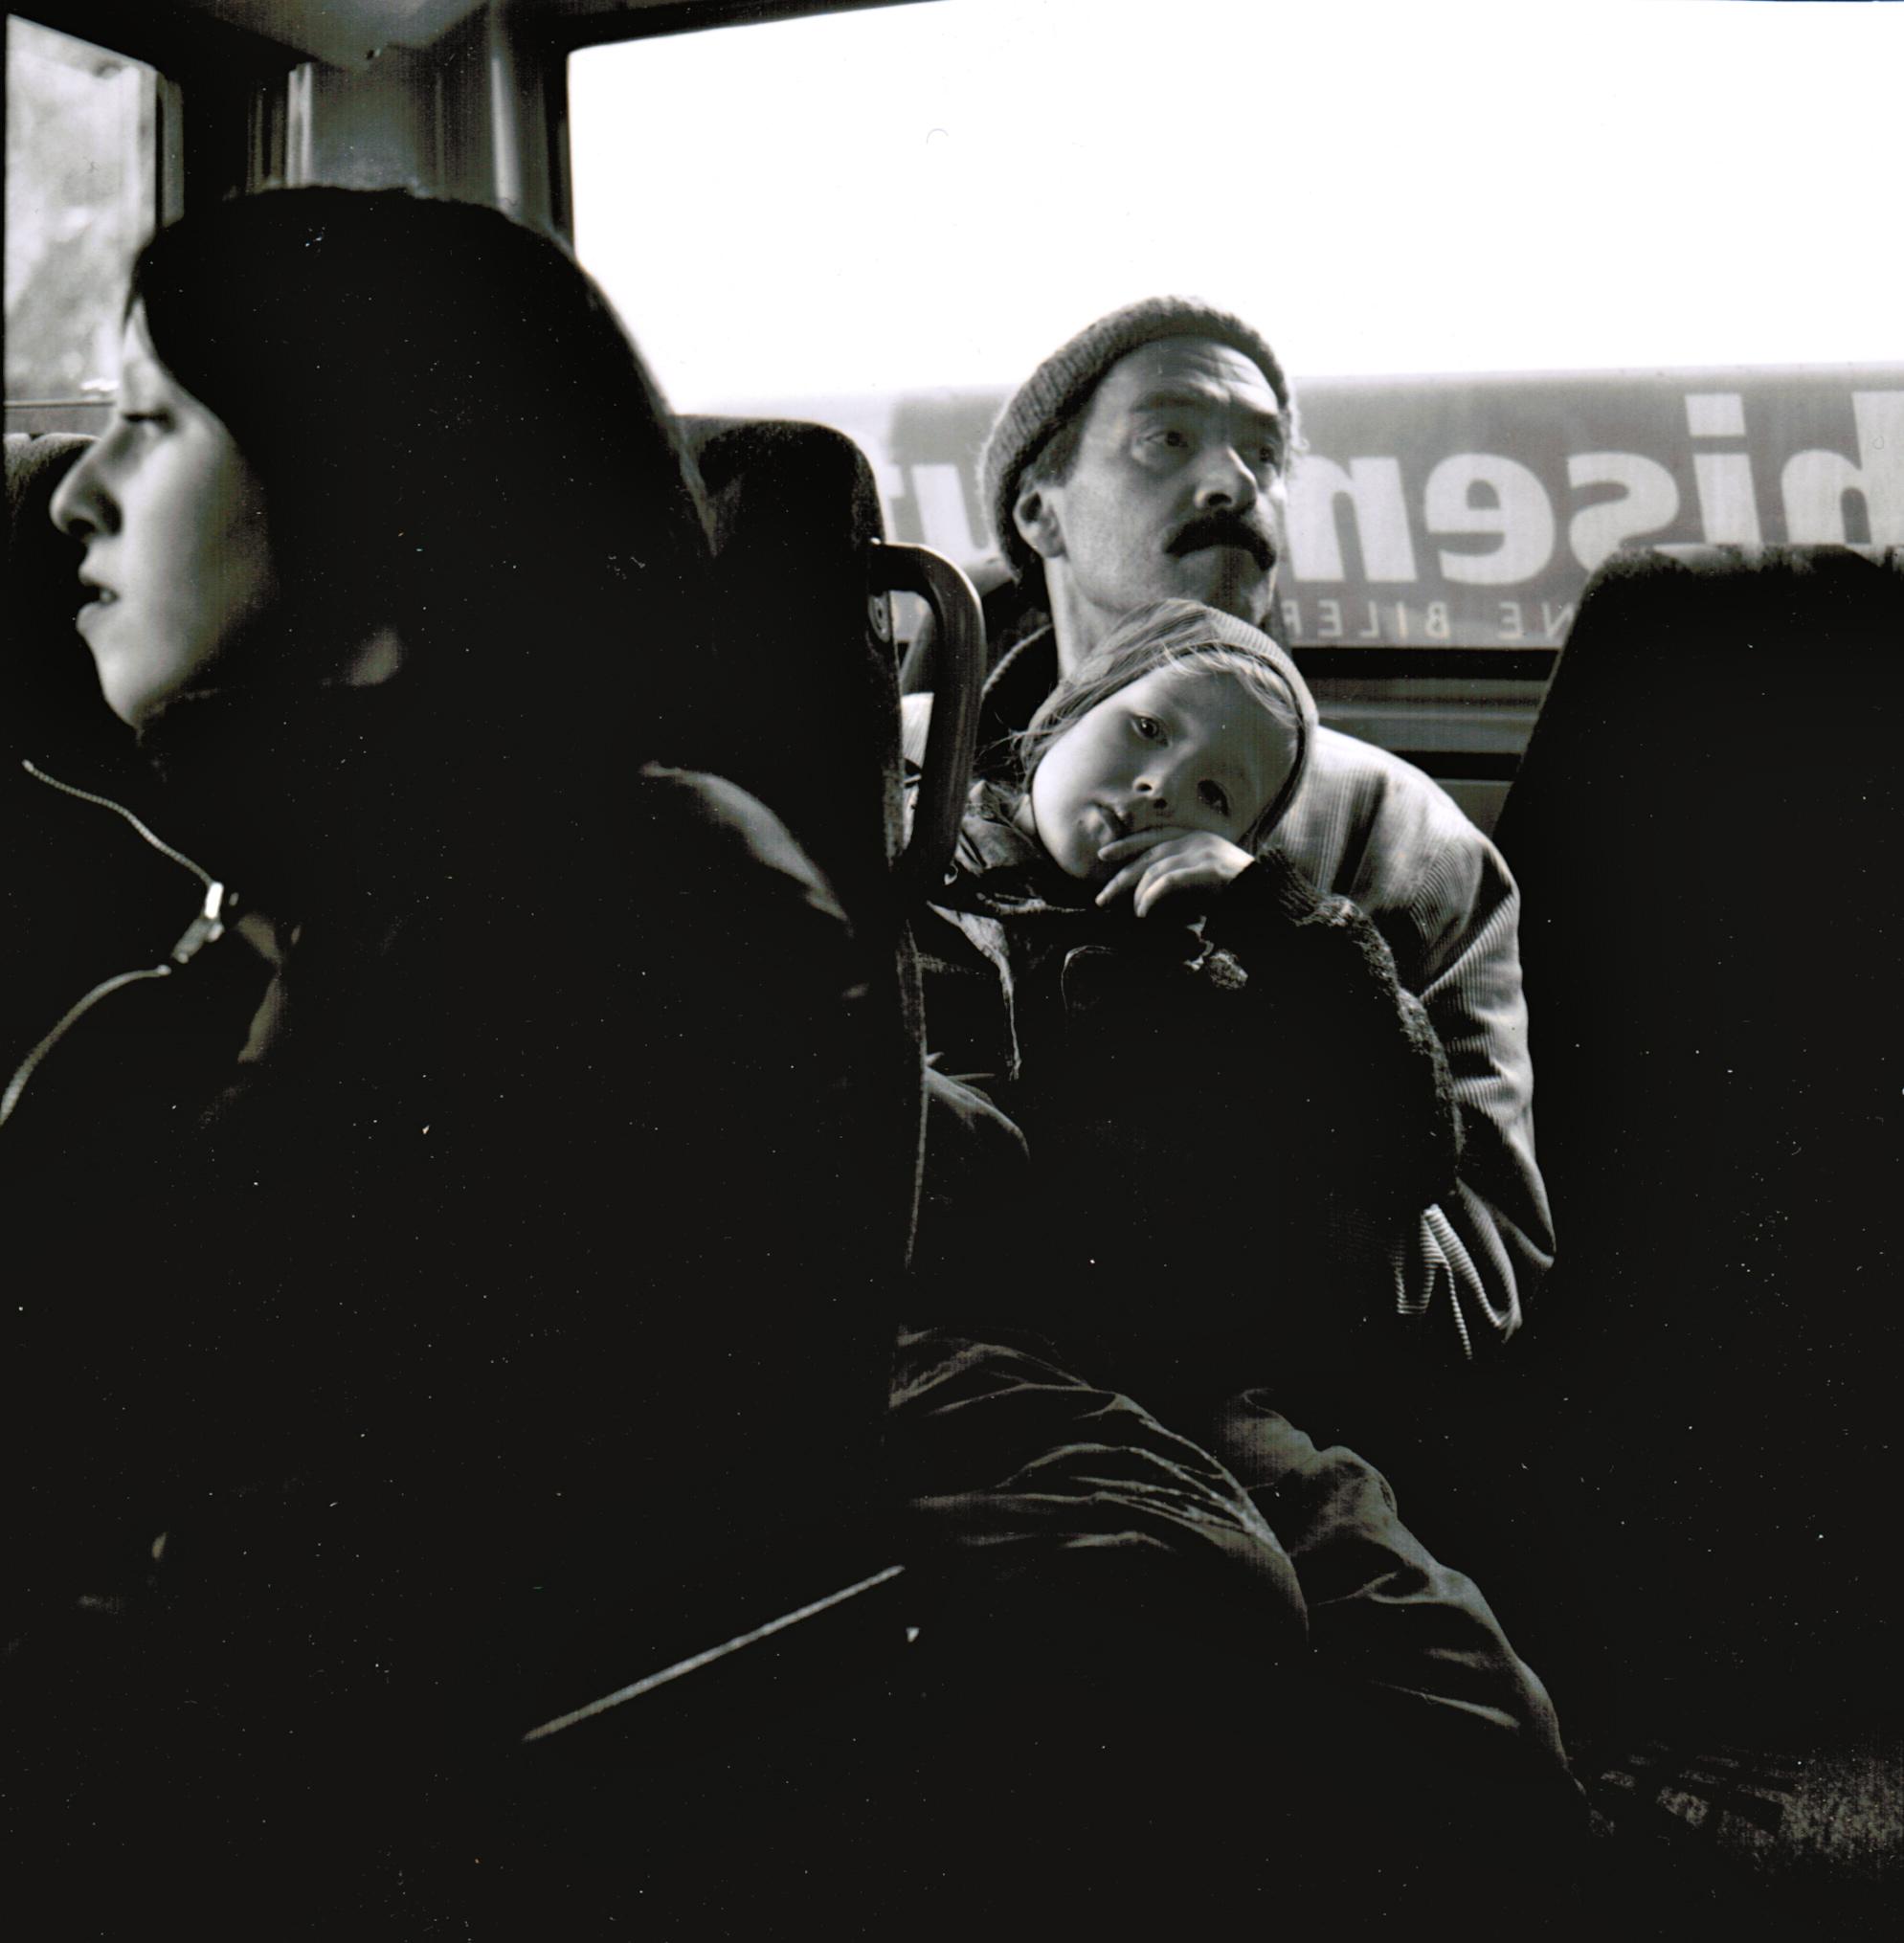 Kaj Skagen på bussen, fotografert av Oddleiv Apneseth fra Bergens Tidende.